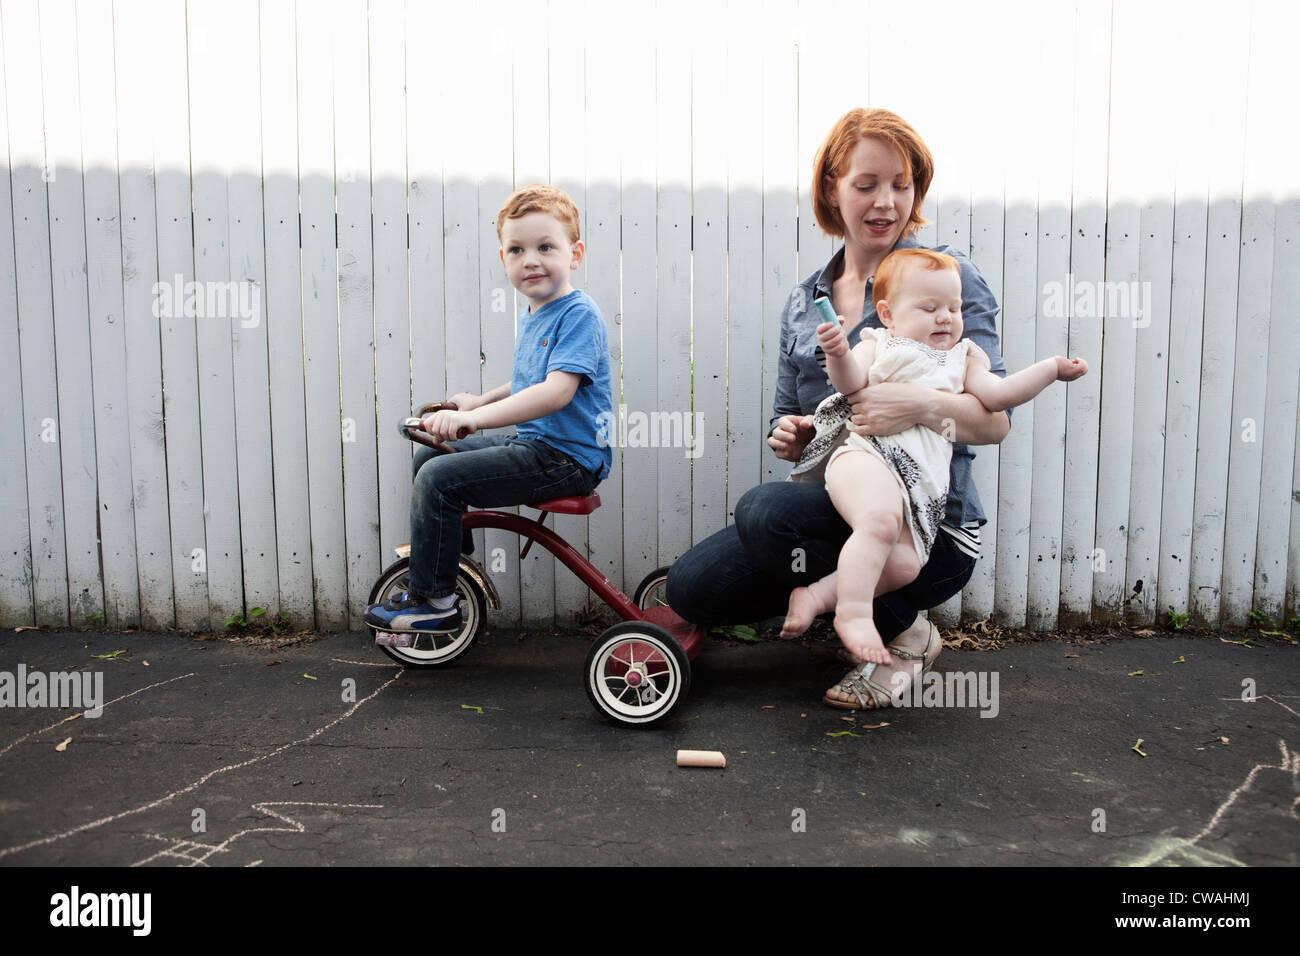 Madre giocando nel cortile con due bambini Immagini Stock